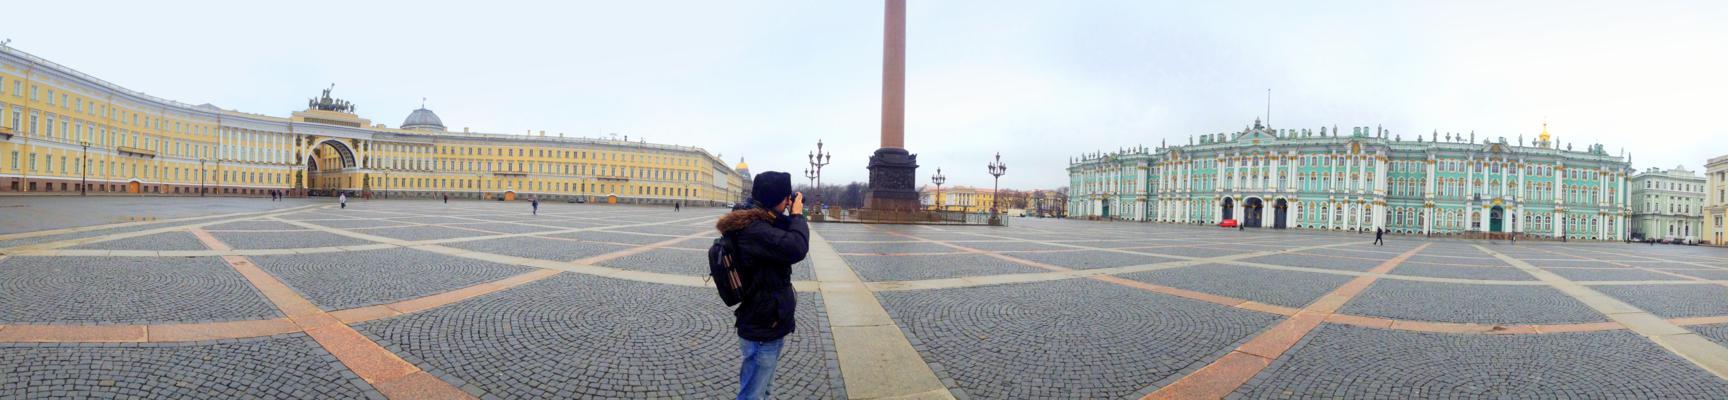 plaza-palacio-san-petersburgo